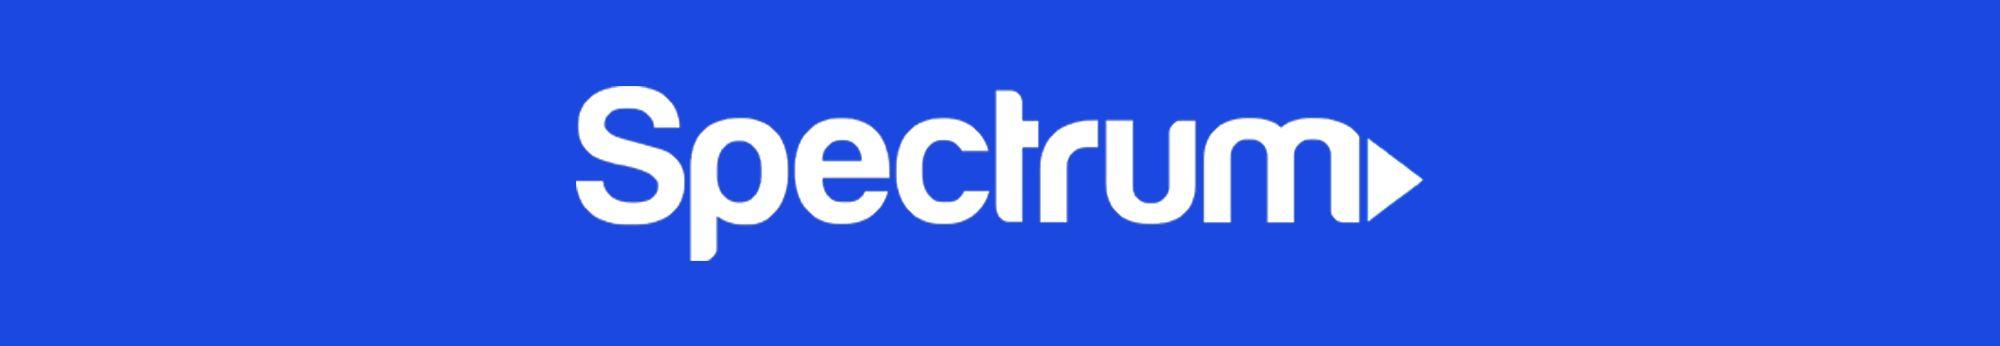 NewAffiliateButtons_Spectrum